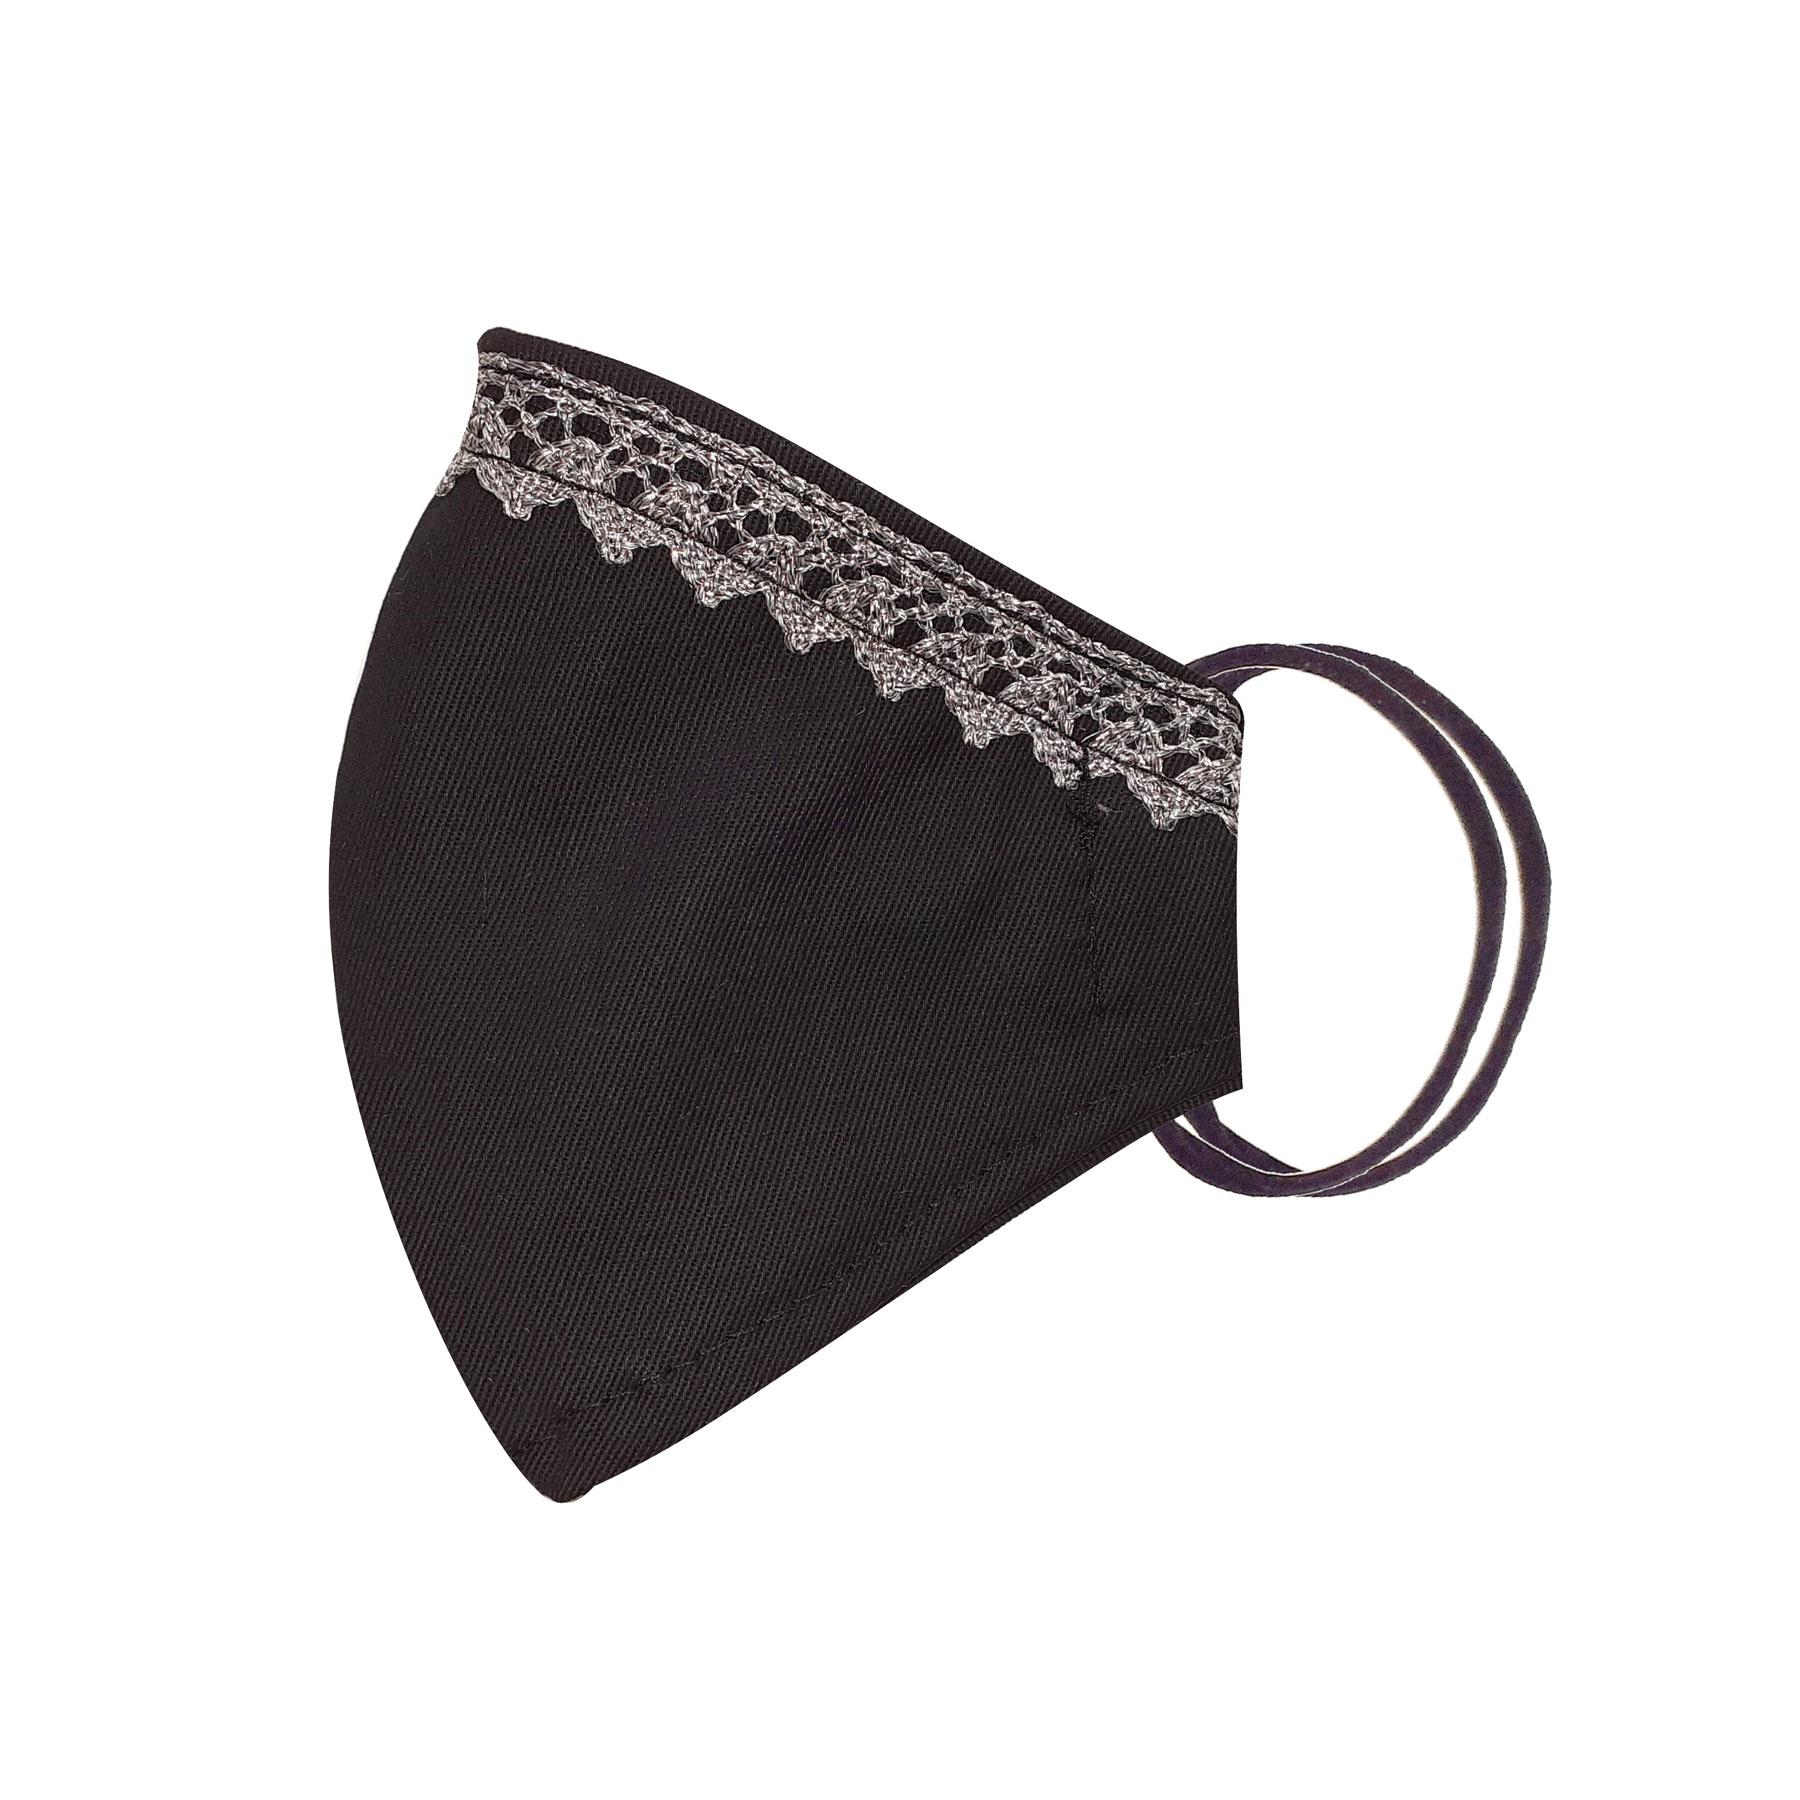 Módní bavlněné ústní roušky tvarované černé s krajkou, třívrstvé s filtrem a s gumičkami dámské